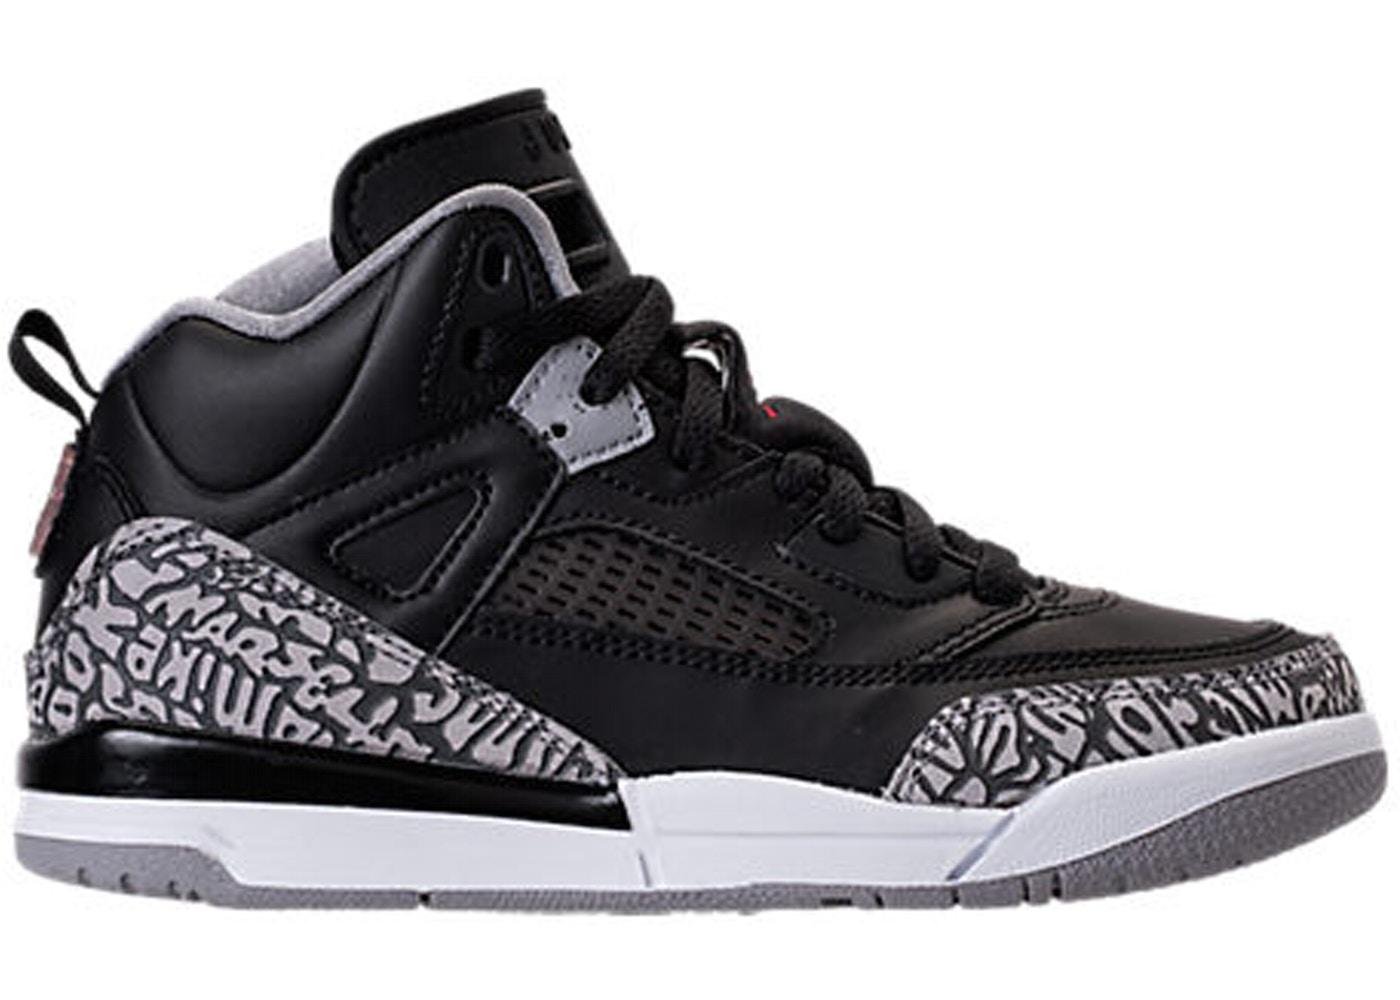 outlet store sale 9f1b1 48500 Jordan Spizike Black Cement (PS)